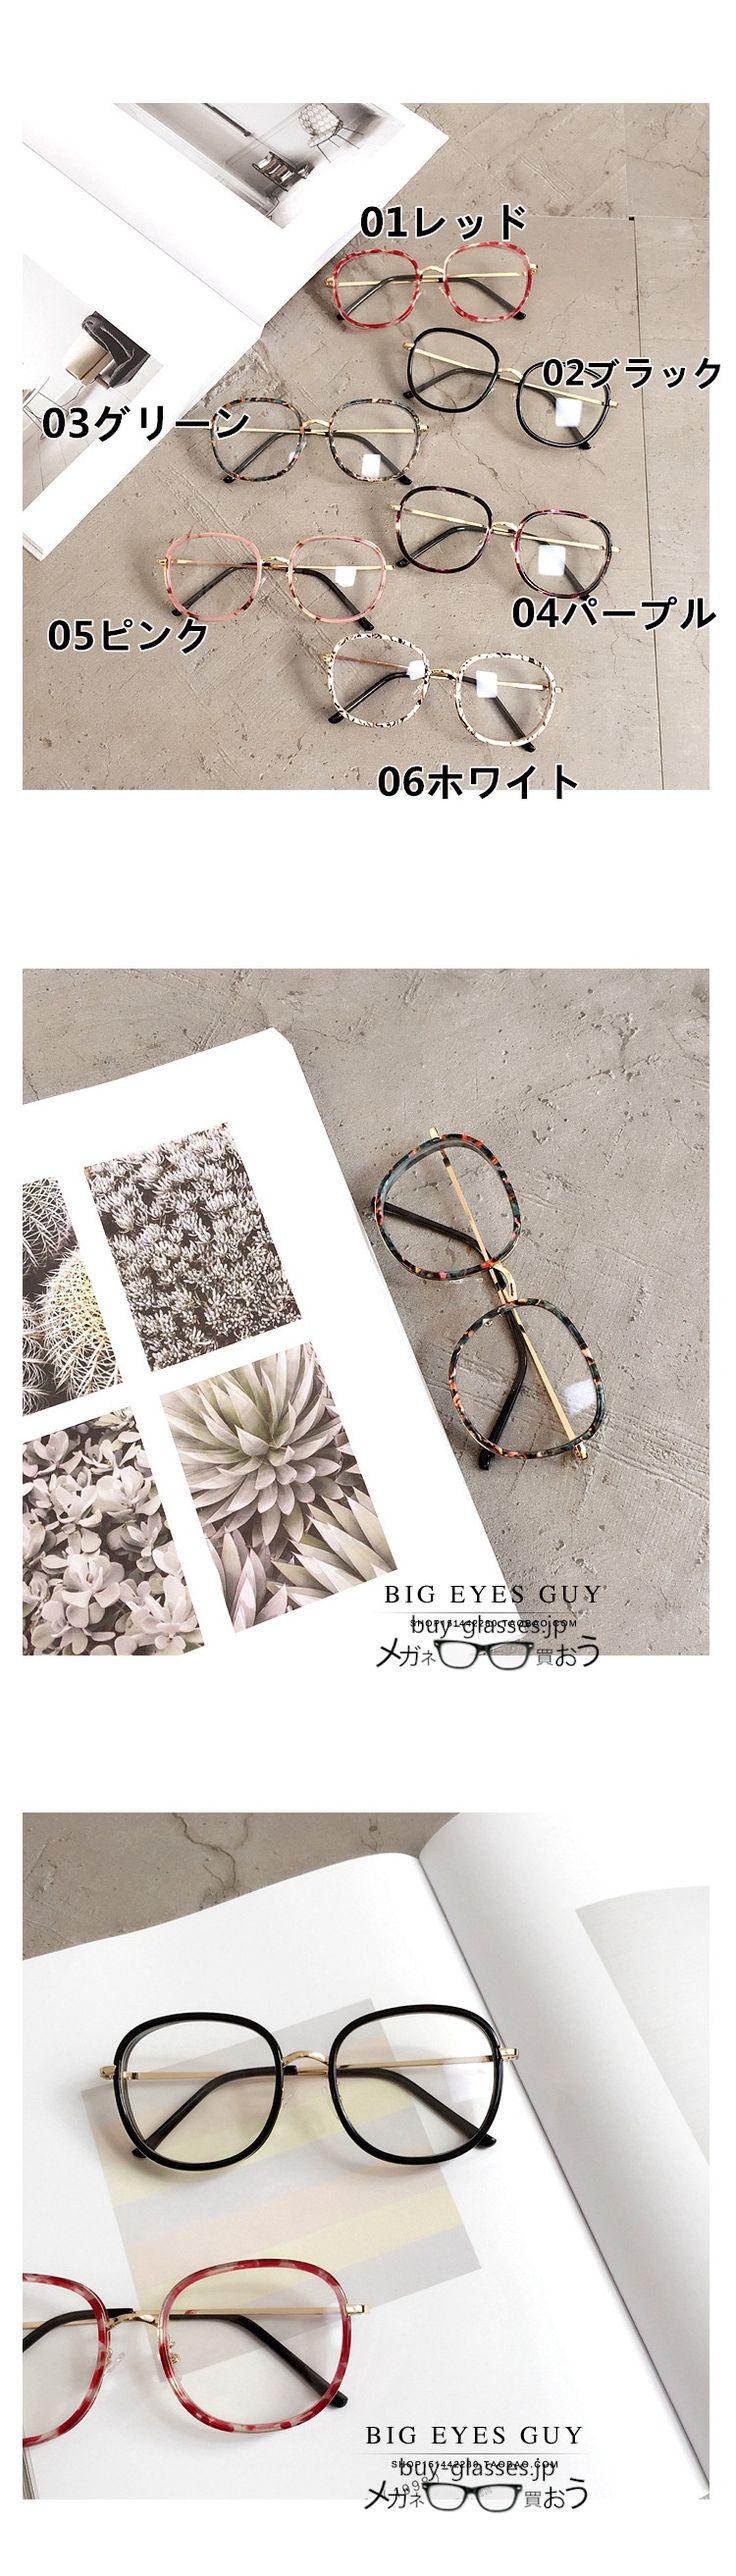 おすすめメガネフレーム韓国原宿学院風クラッシックメガネ大理石柄瑠璃丸いおしゃれ安いメガネフレームラウンド型形度なし伊達メガネ眼鏡度いり